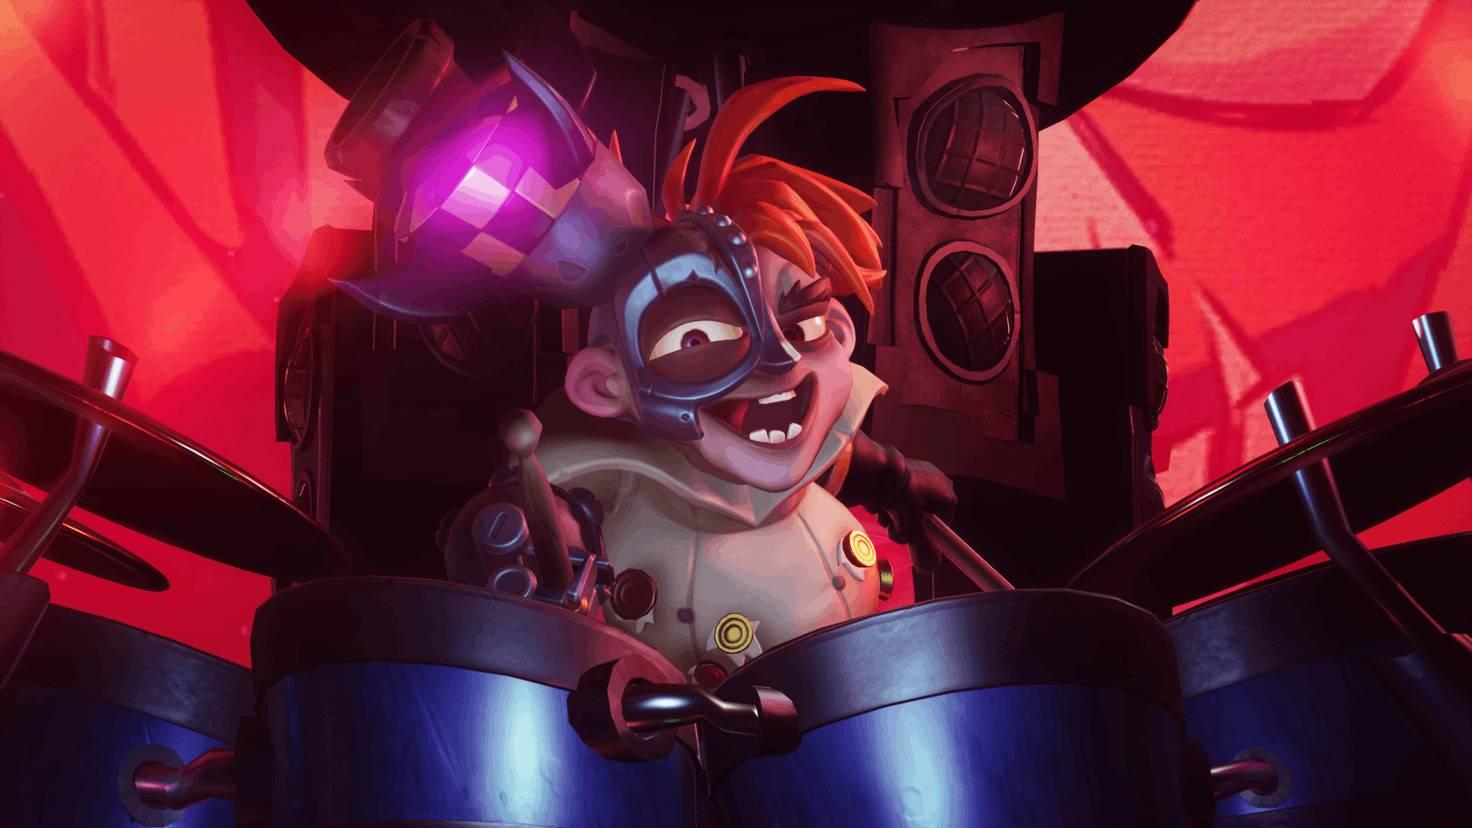 crash-bandicoot-4-dr-ngin